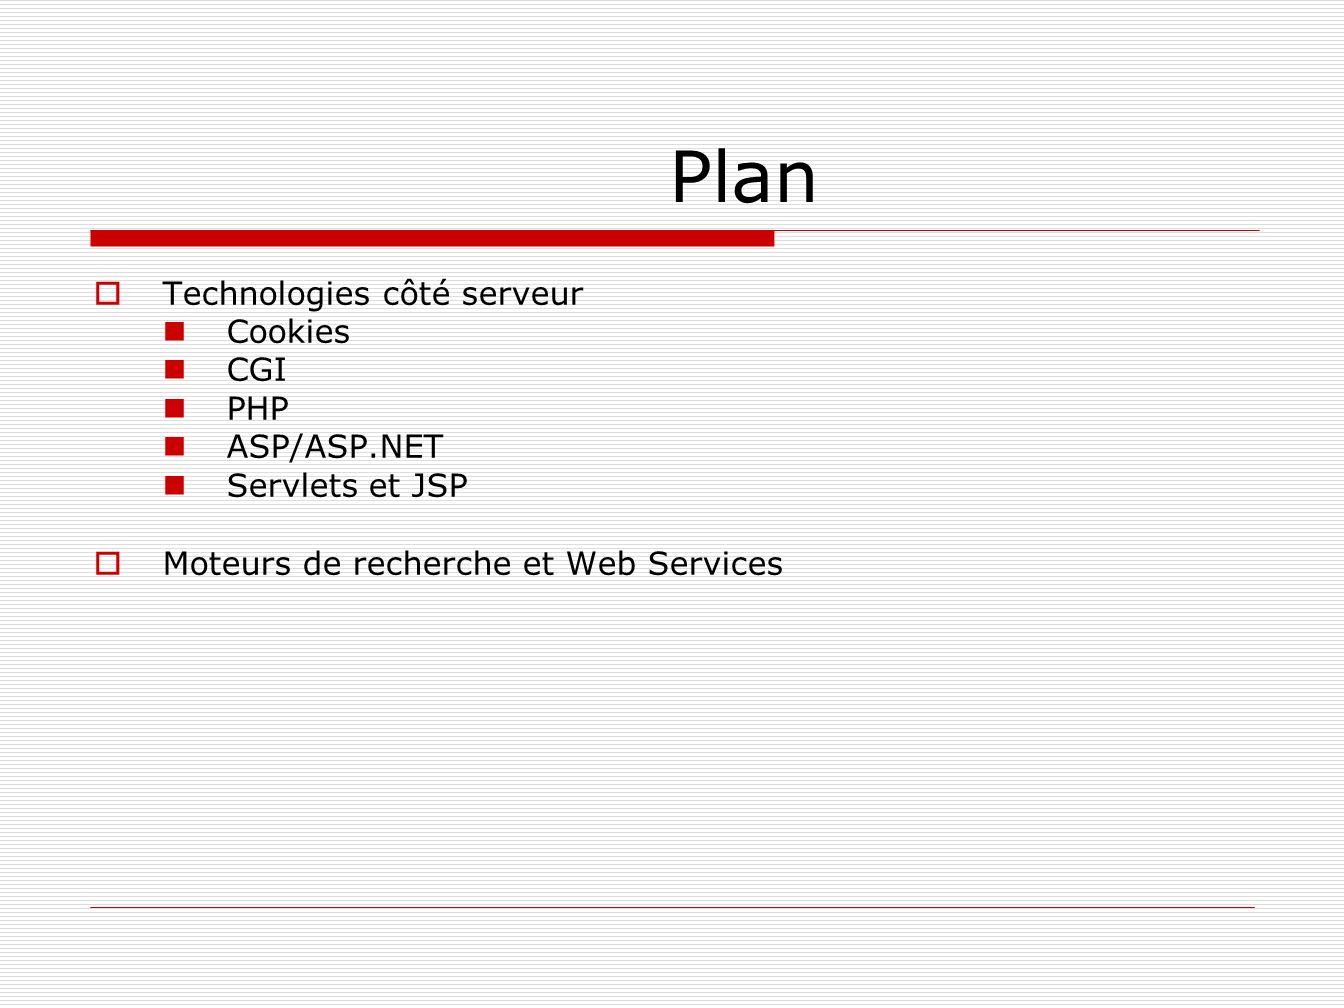 Applets Java Crée par Sun Microsystems Un plugin permet de faire tourner une machine virtuelle (JVM) dans un navigateur Un client download le code java compile (.class,.jar) et lexécute localement Lapplet sexécute dans une Sand Box , elle a des capacités très limitées, elle ne peut pas Lire/Ecrire/Effacer de fichiers localement Créer des connexions réseau vers dautres machines que celle dont elle est originaire Crée un ClassLoader …..